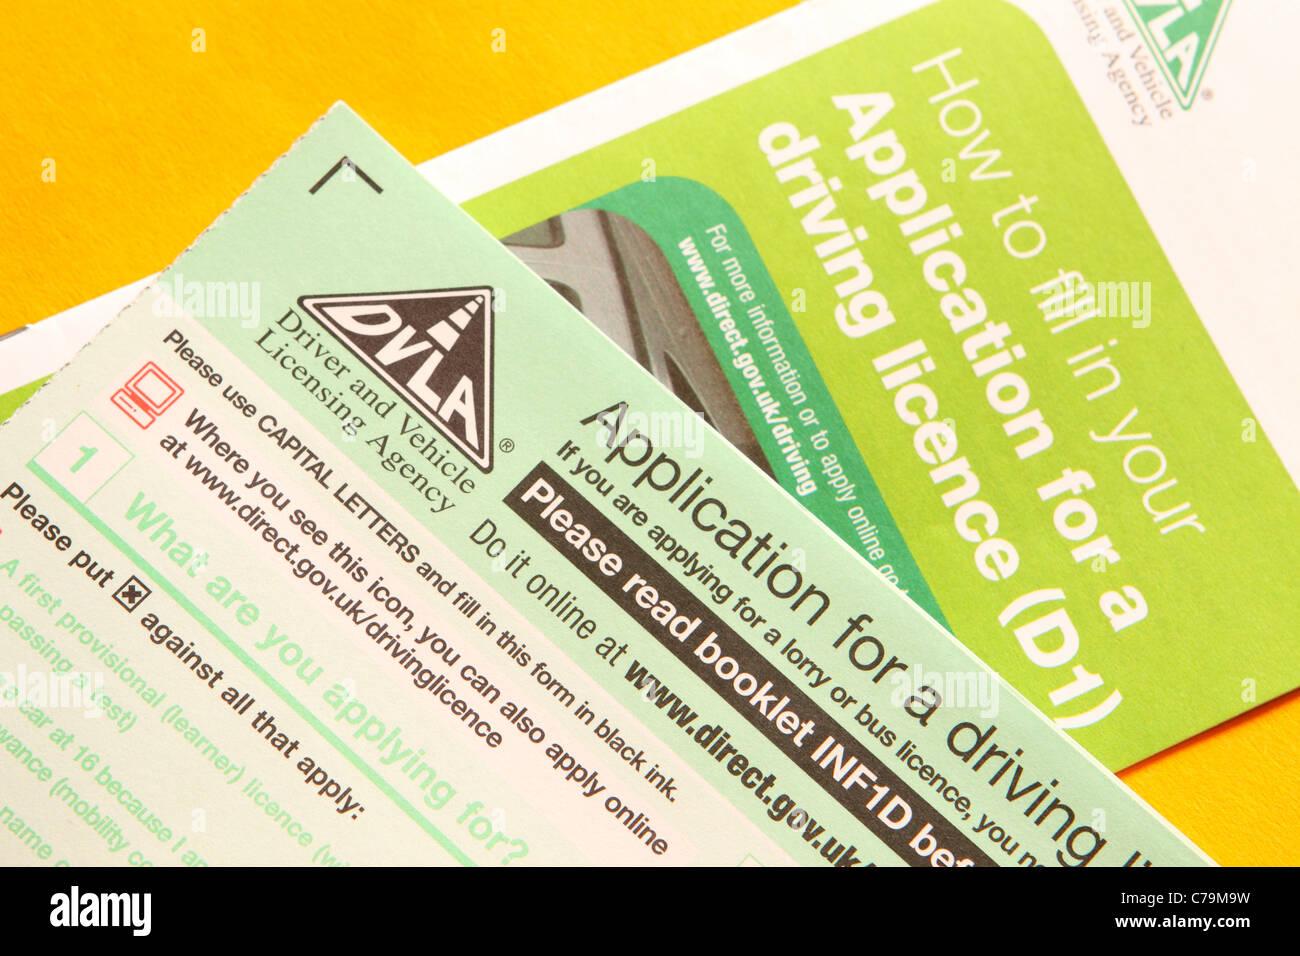 DVLA UK driving licence application form D1 - Stock Image